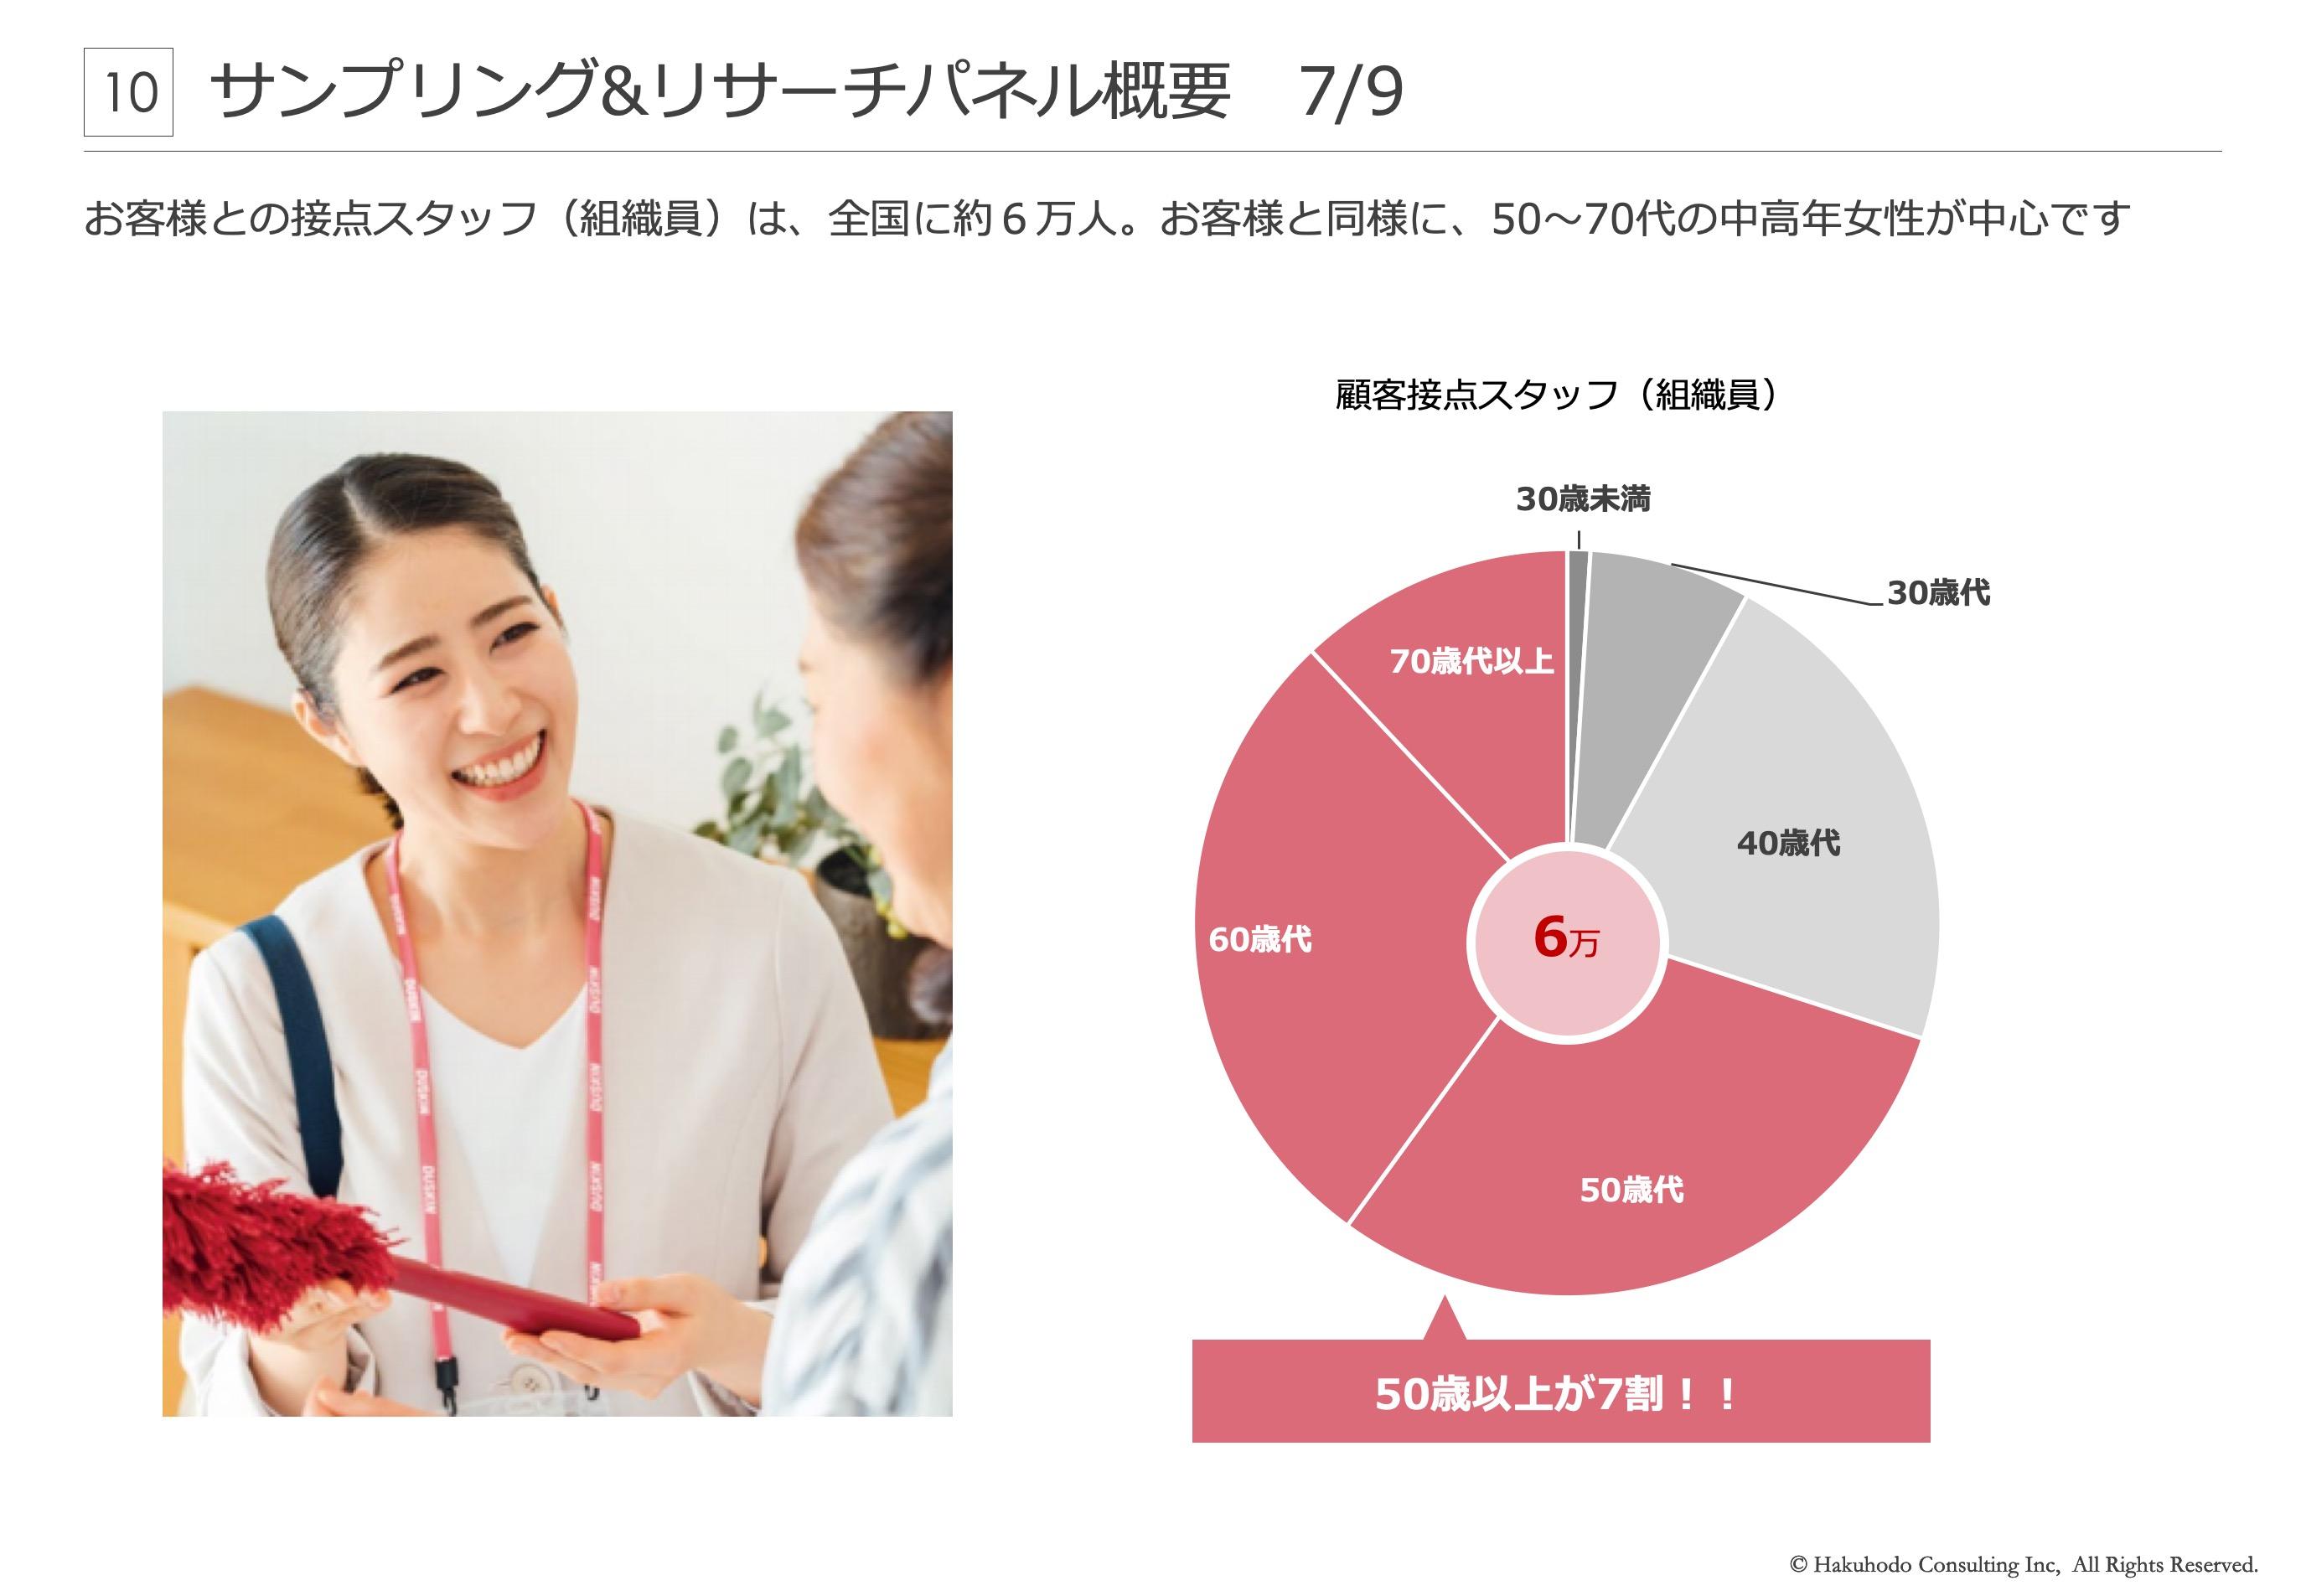 お客様との接点スタッフ(組織員)は、全国に約6万人。お客様と同様に、50〜70代の中高年女性が中心です